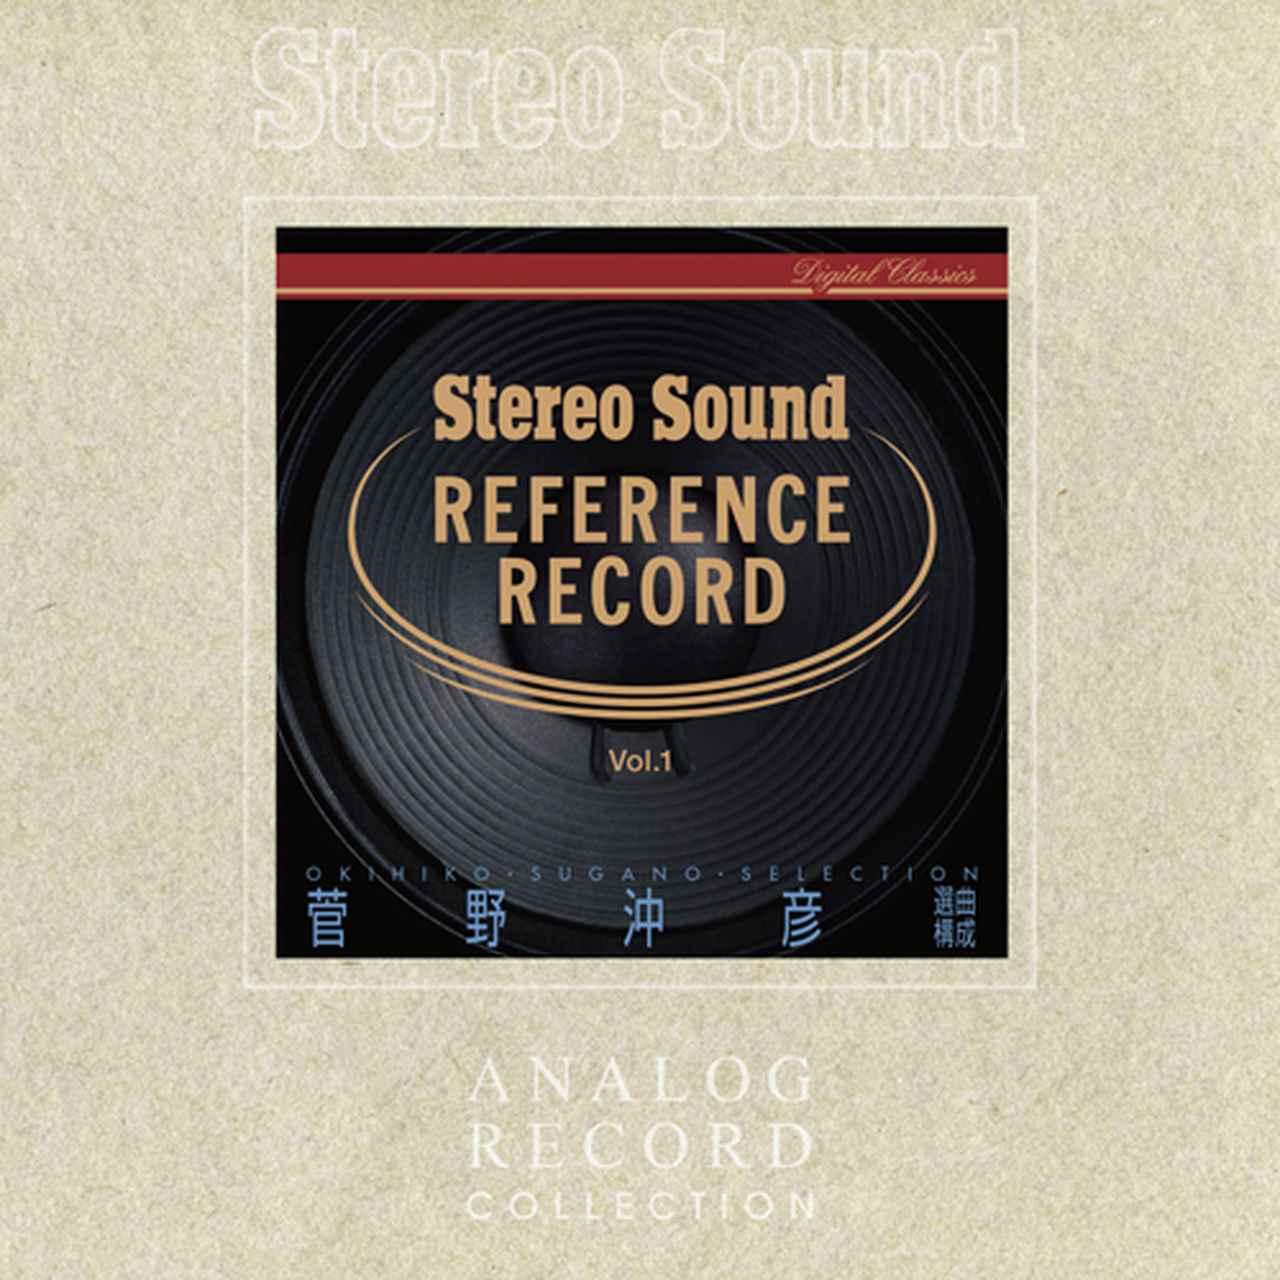 Images : 3番目の画像 - 一般の音楽ソフト販売店では買えないステレオサウンド制作のソフトが勢ぞろい - Stereo Sound ONLINE